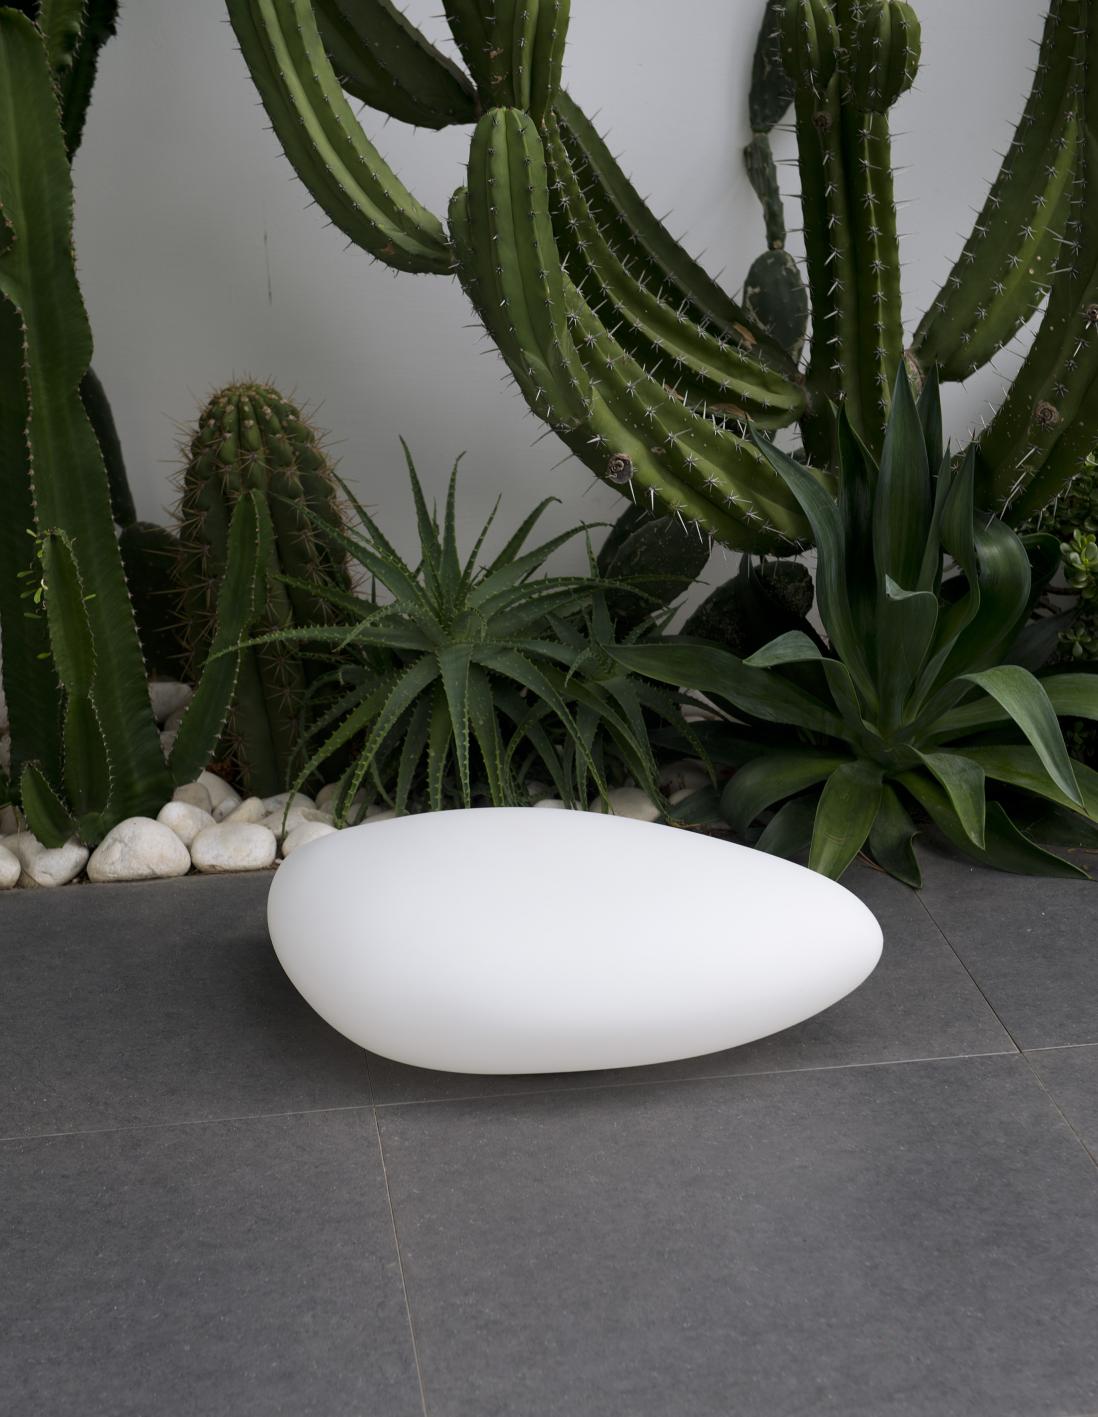 garten im quadrat gartenleuchte stone outdoor. Black Bedroom Furniture Sets. Home Design Ideas